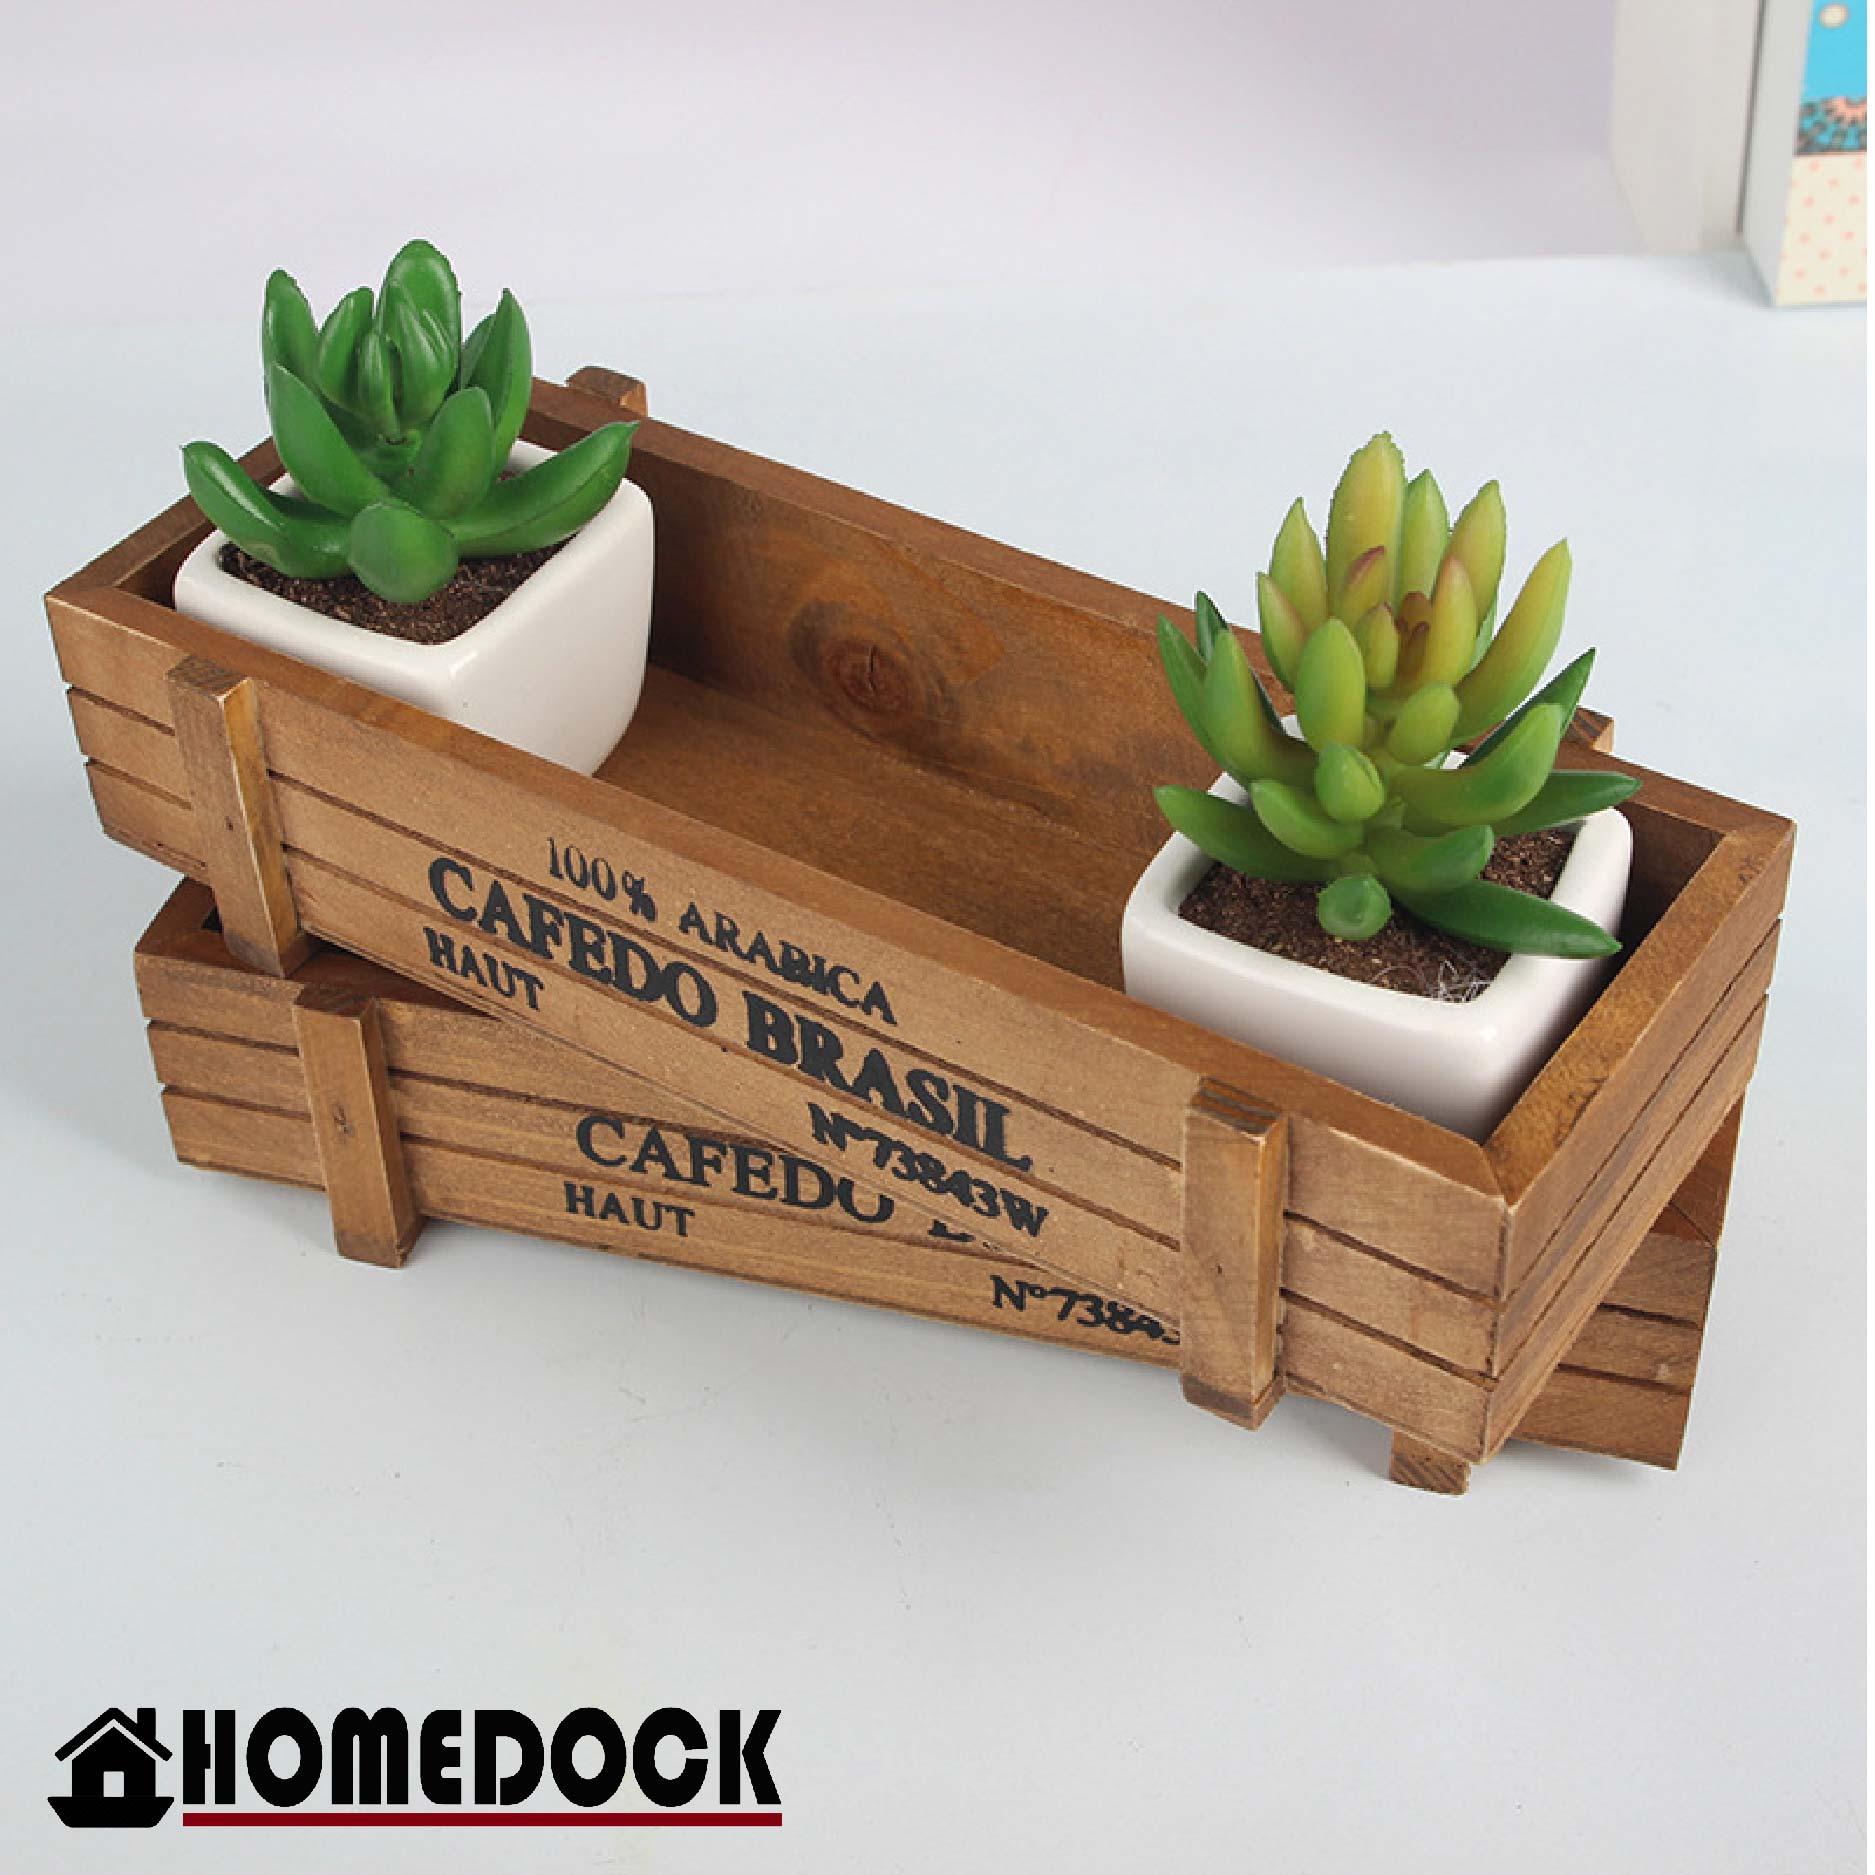 HOMEDOCK-原木質感仿盆栽收納盒 /花盆/置物盒/Zakka/雜貨/原木製/層格櫃/植物/花器/仿舊